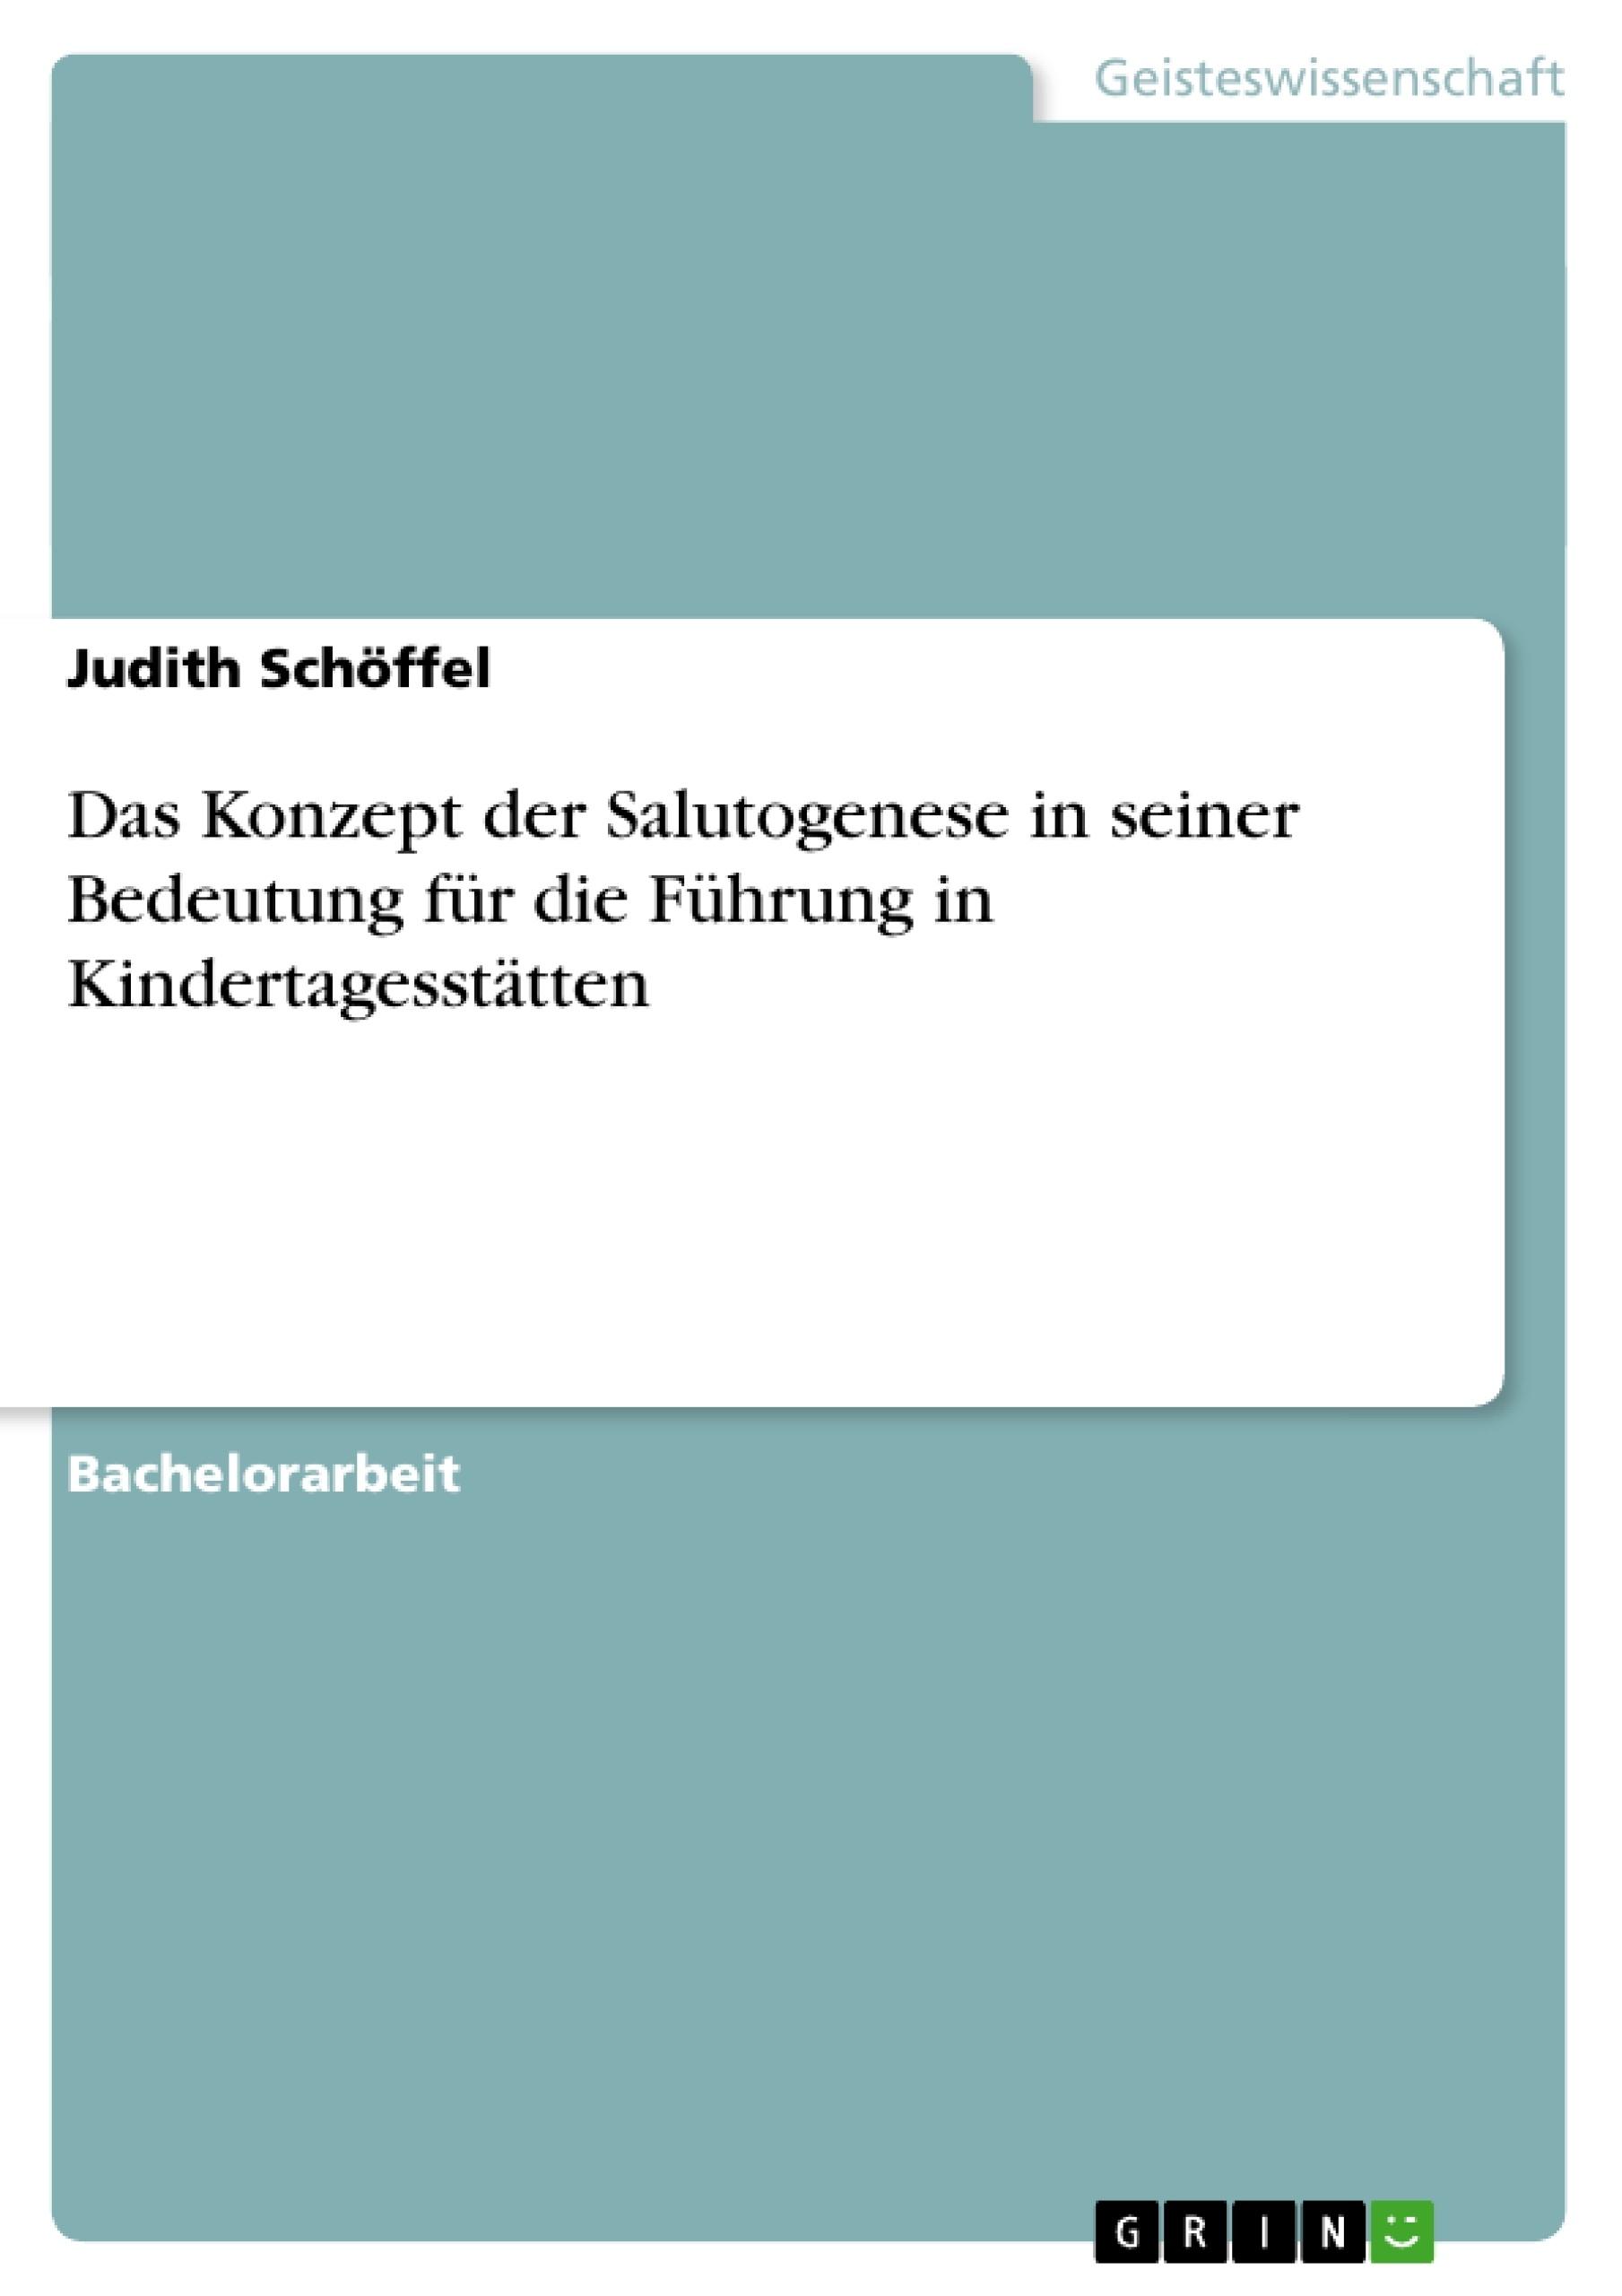 Titel: Das Konzept der Salutogenese in seiner Bedeutung für die Führung in Kindertagesstätten